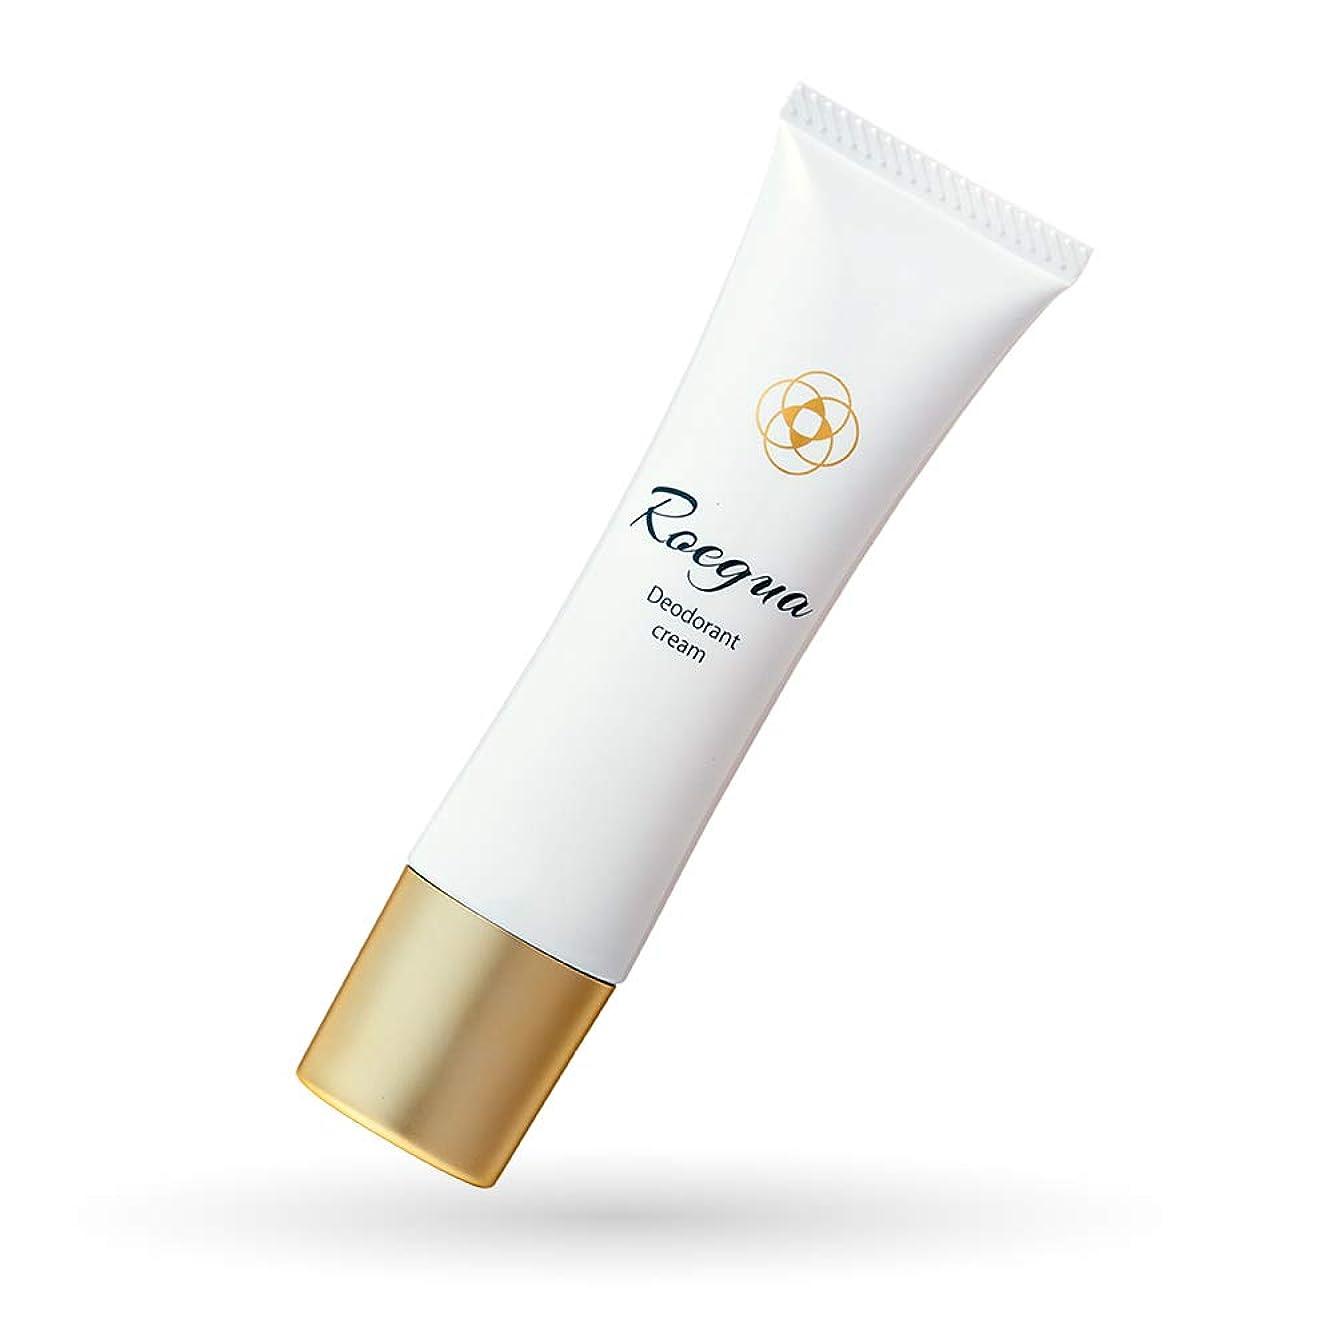 吸収する選出するパイプロエグア 手汗対策専用 手汗止めクリーム 30g